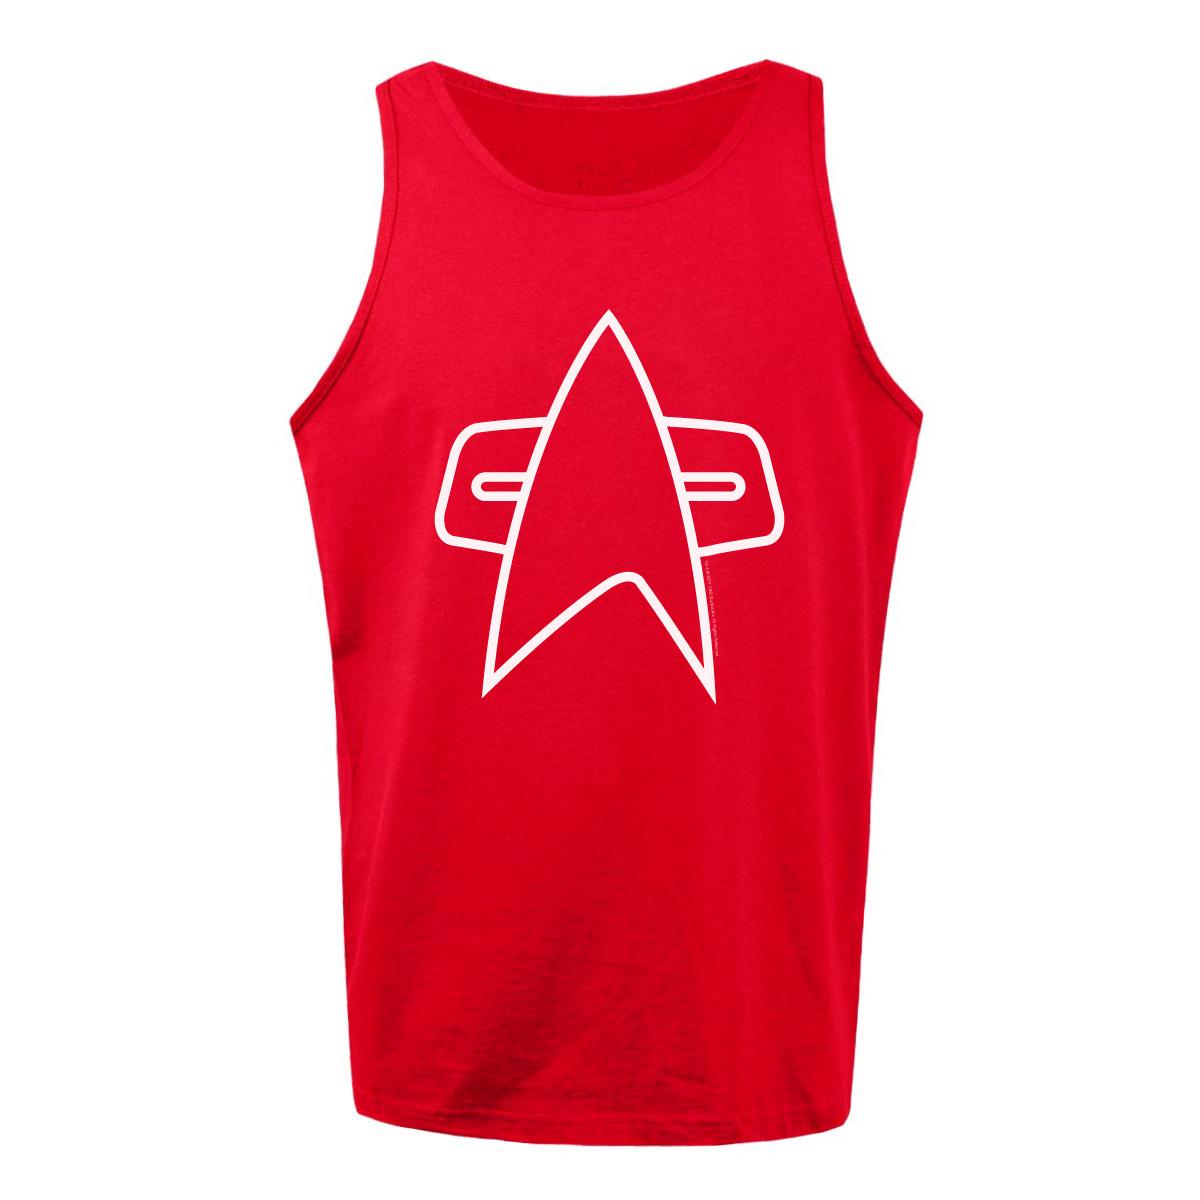 Star Trek Voyager Delta Tank